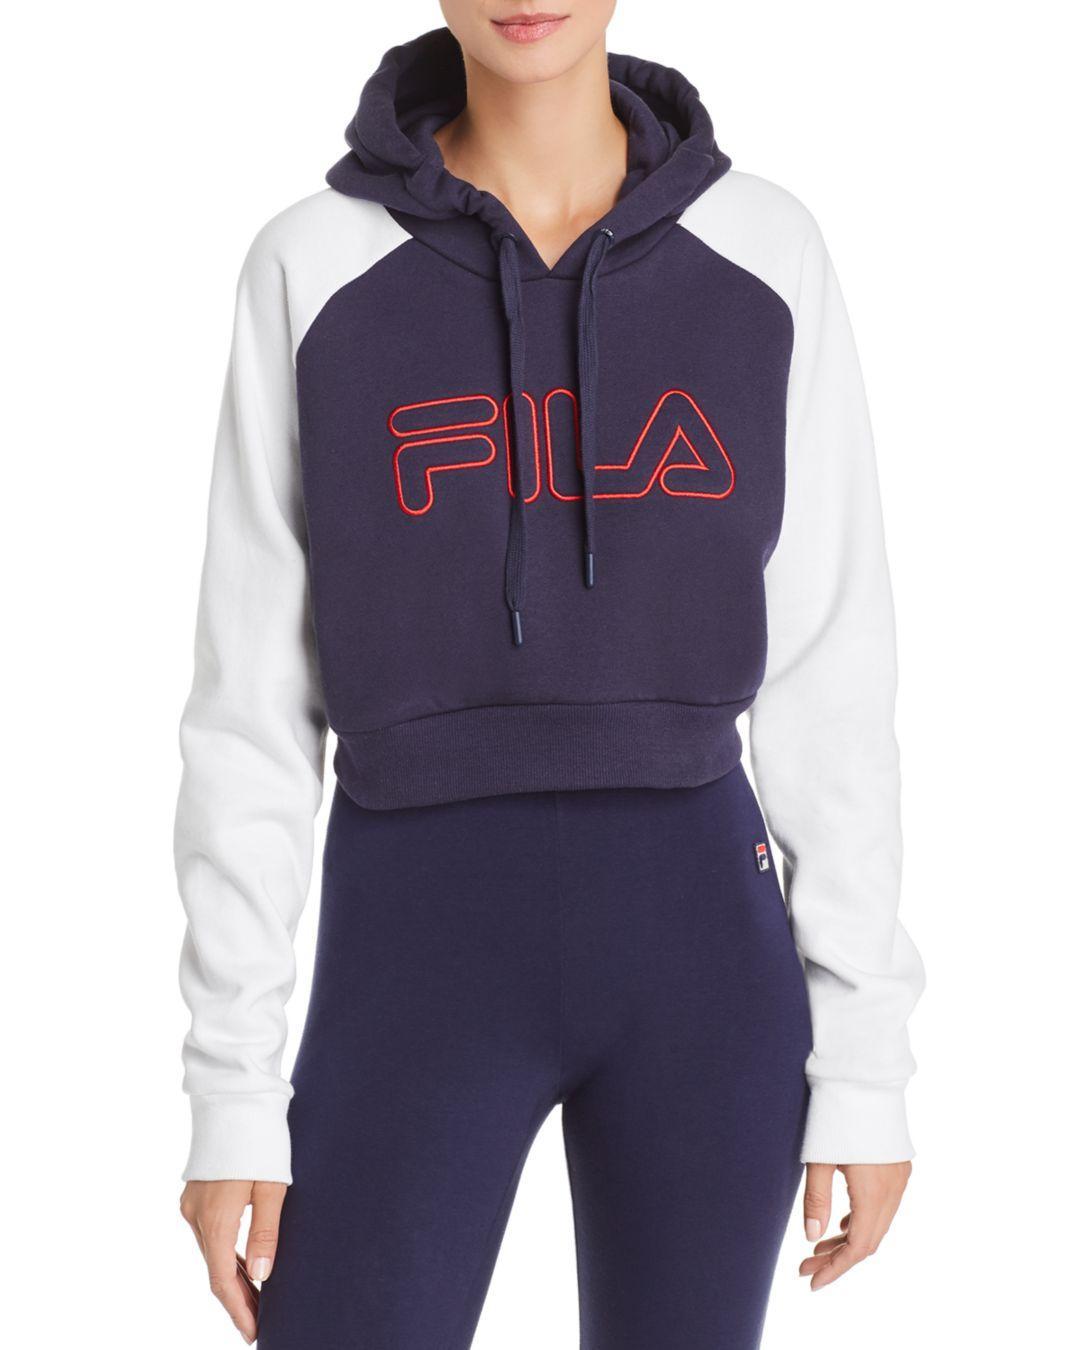 6120d4916f Fila Valeria Cropped Hooded Sweatshirt in Blue - Lyst